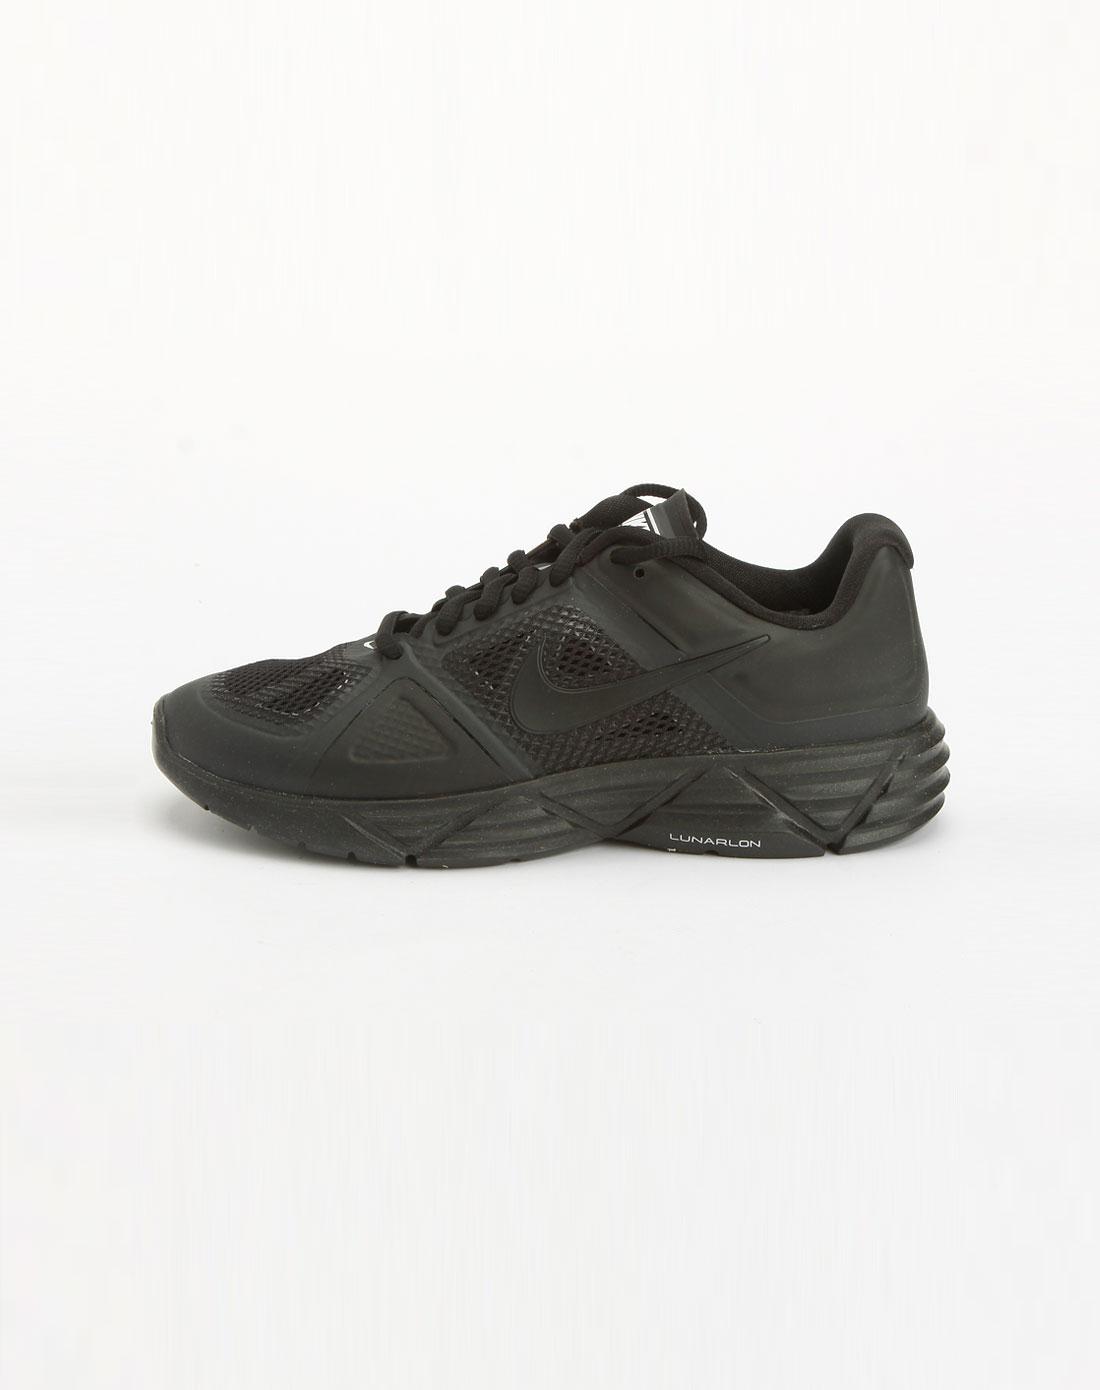 黑色网面绑带运动鞋_耐克nike-女鞋专场特价3.8折起